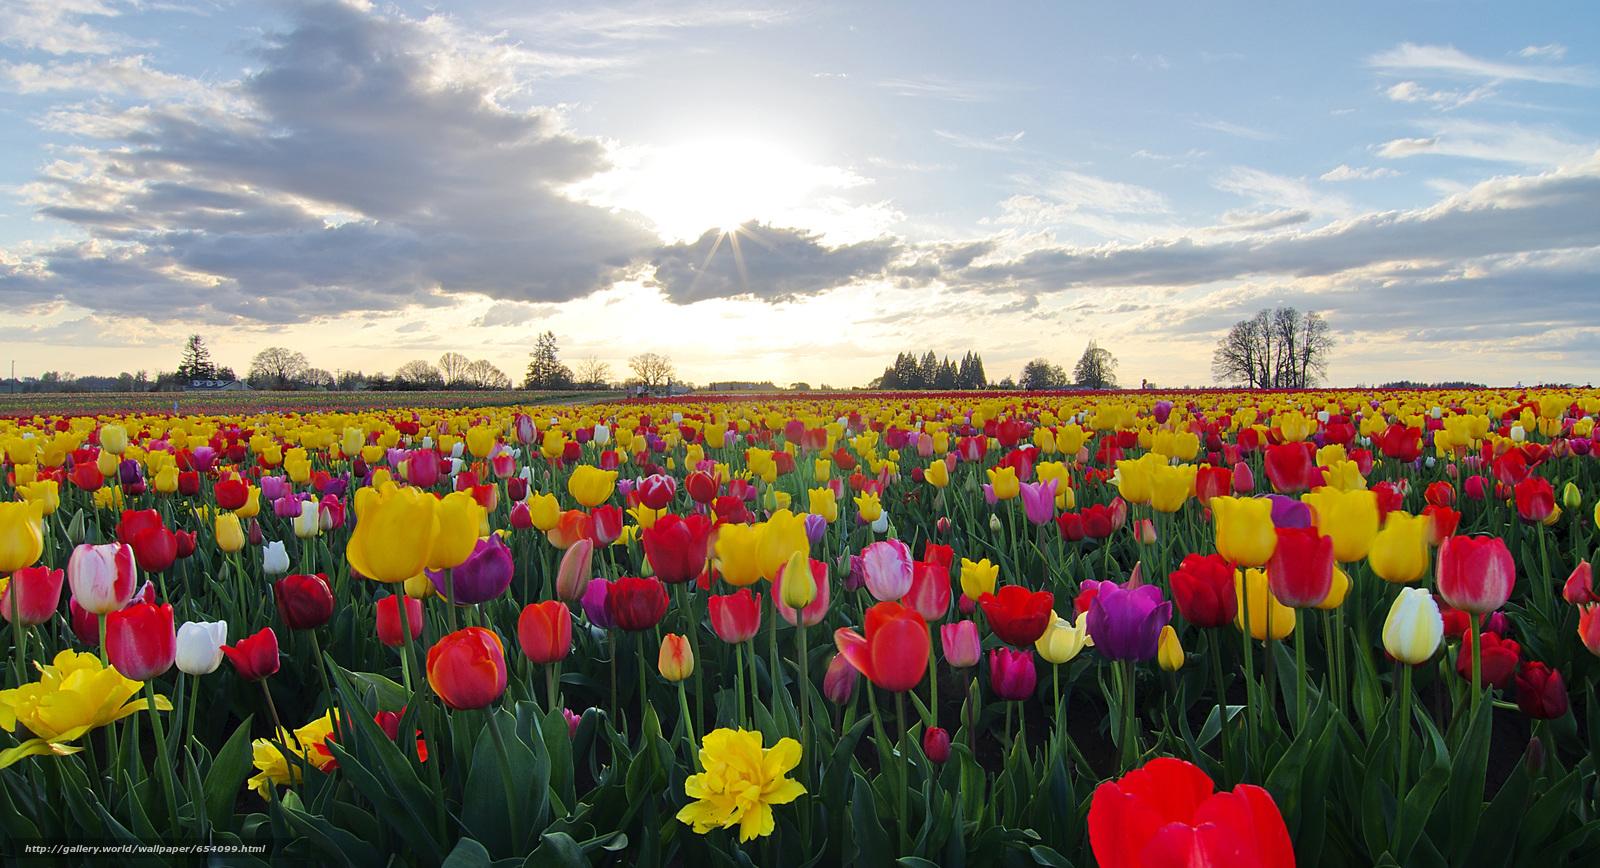 Scaricare Gli Sfondi Campo Fiori Tulipani Flora Sfondi Gratis Per